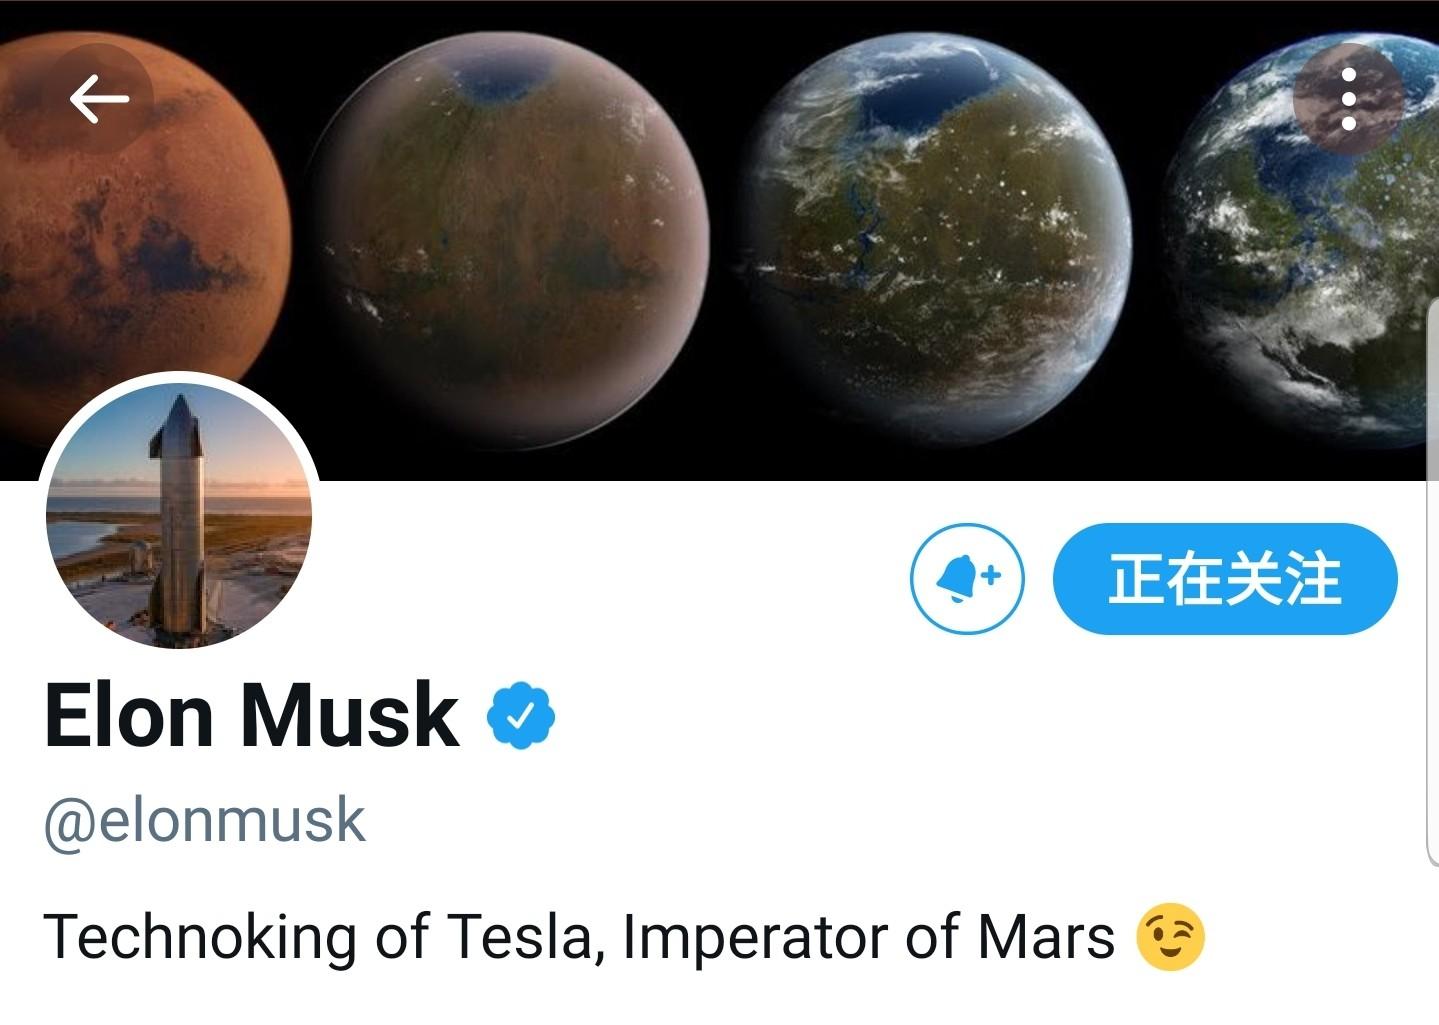 真的要去火星了吗? 特斯拉马斯克自称:火星皇帝[多图]